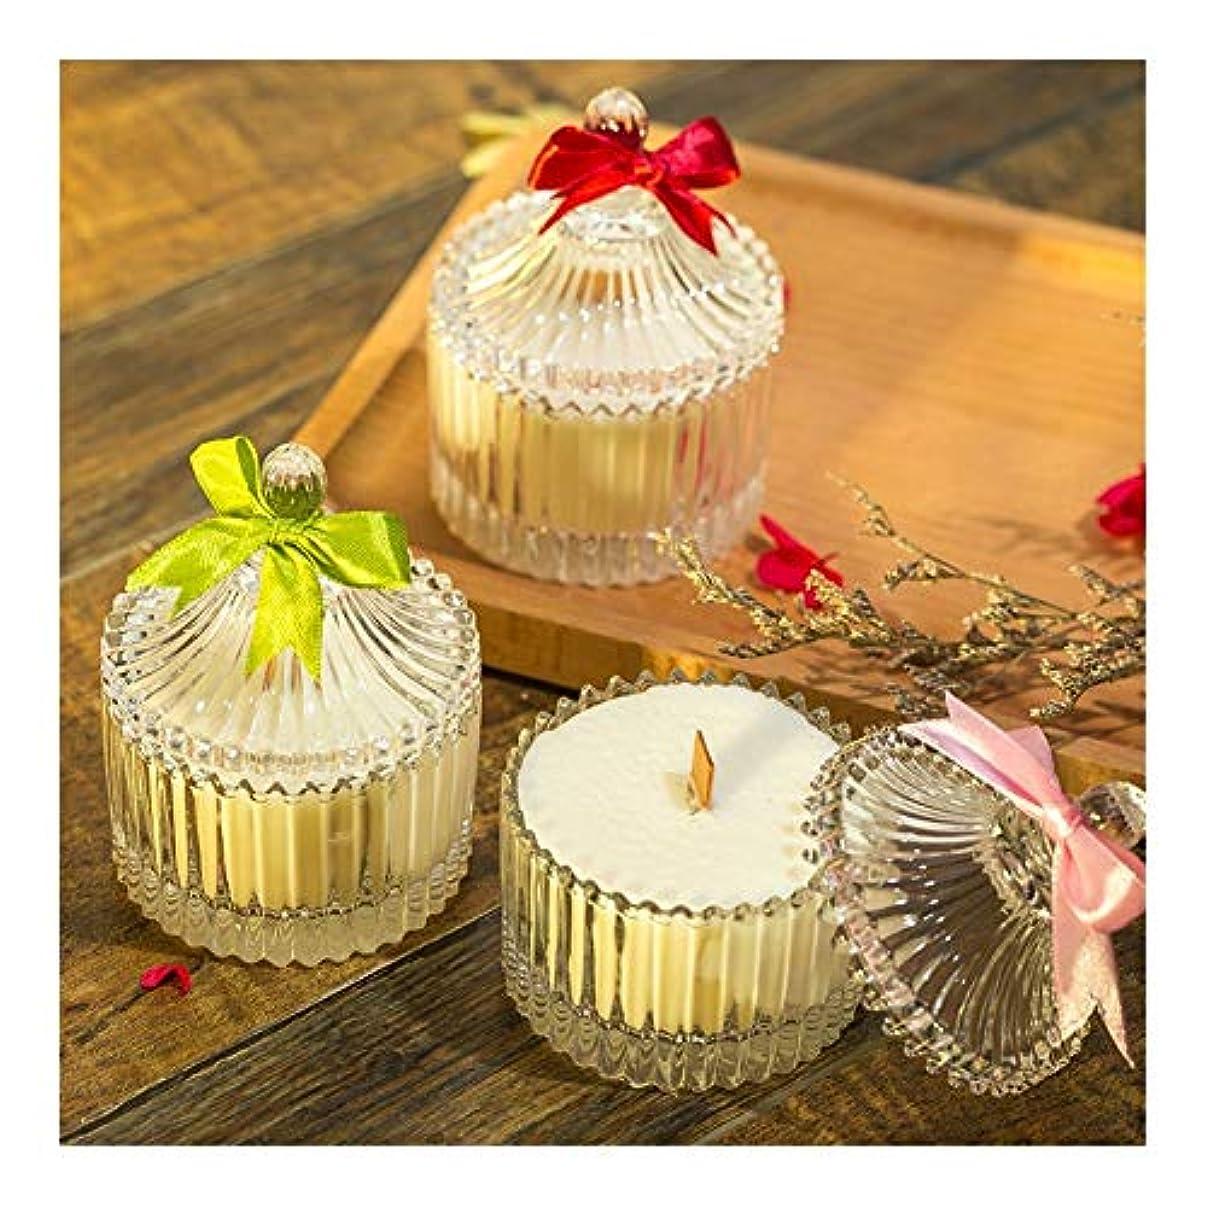 壊滅的な通常スモッグGuomao 大豆の香料入りの蝋燭の無煙ガラスの蝋燭の結婚祝い (色 : Marriage)